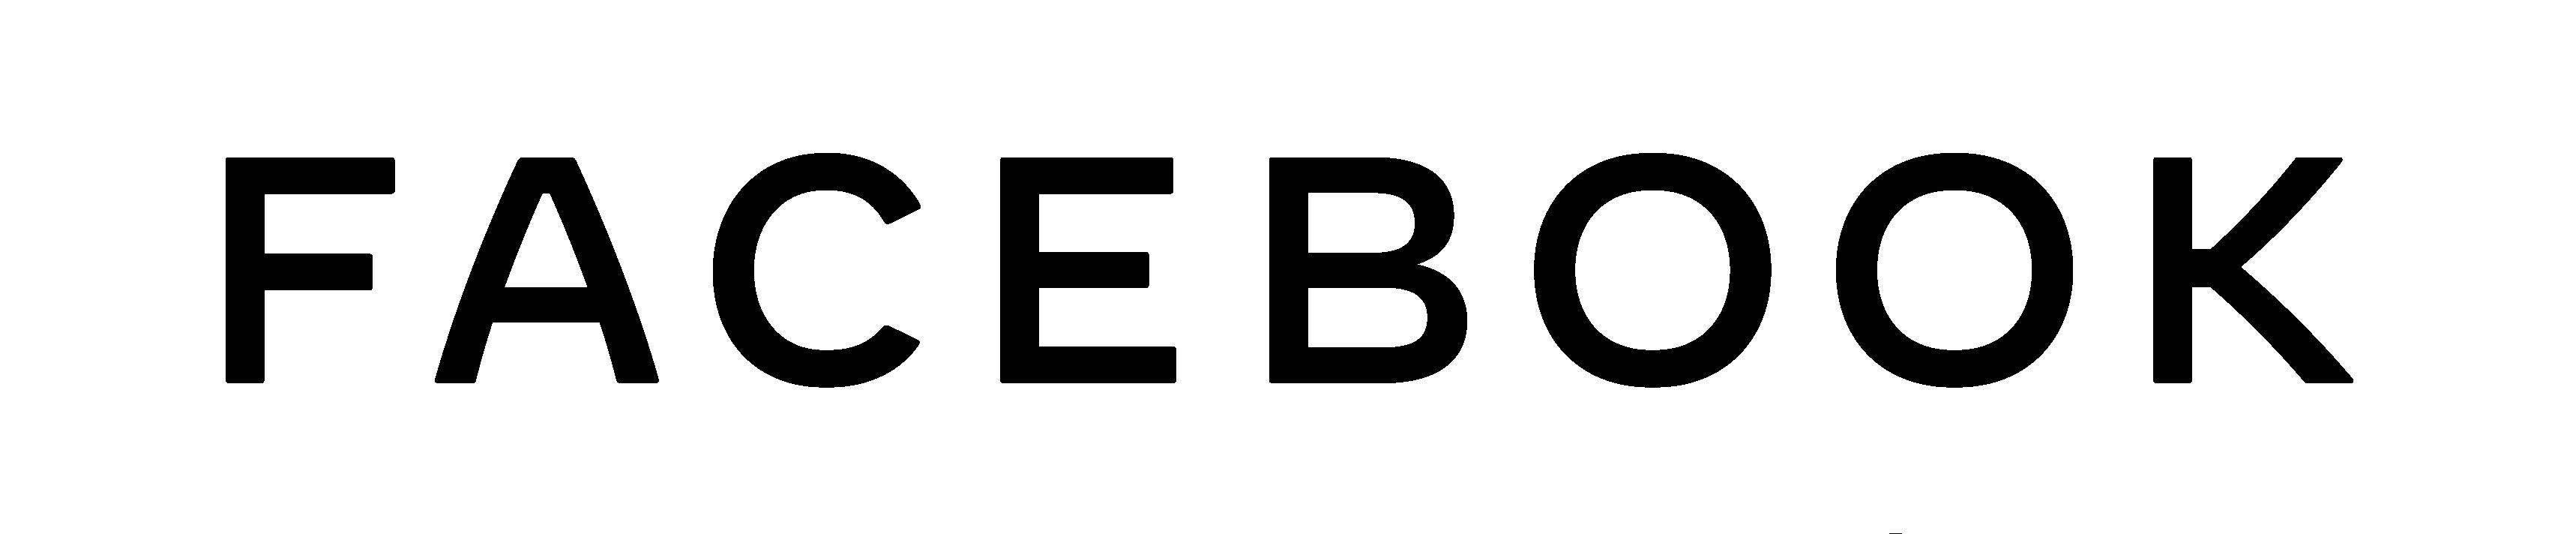 """Logotipo da empresa Facebook. O nome """"Facebook"""" está escrito na cor preta. Logotipo"""